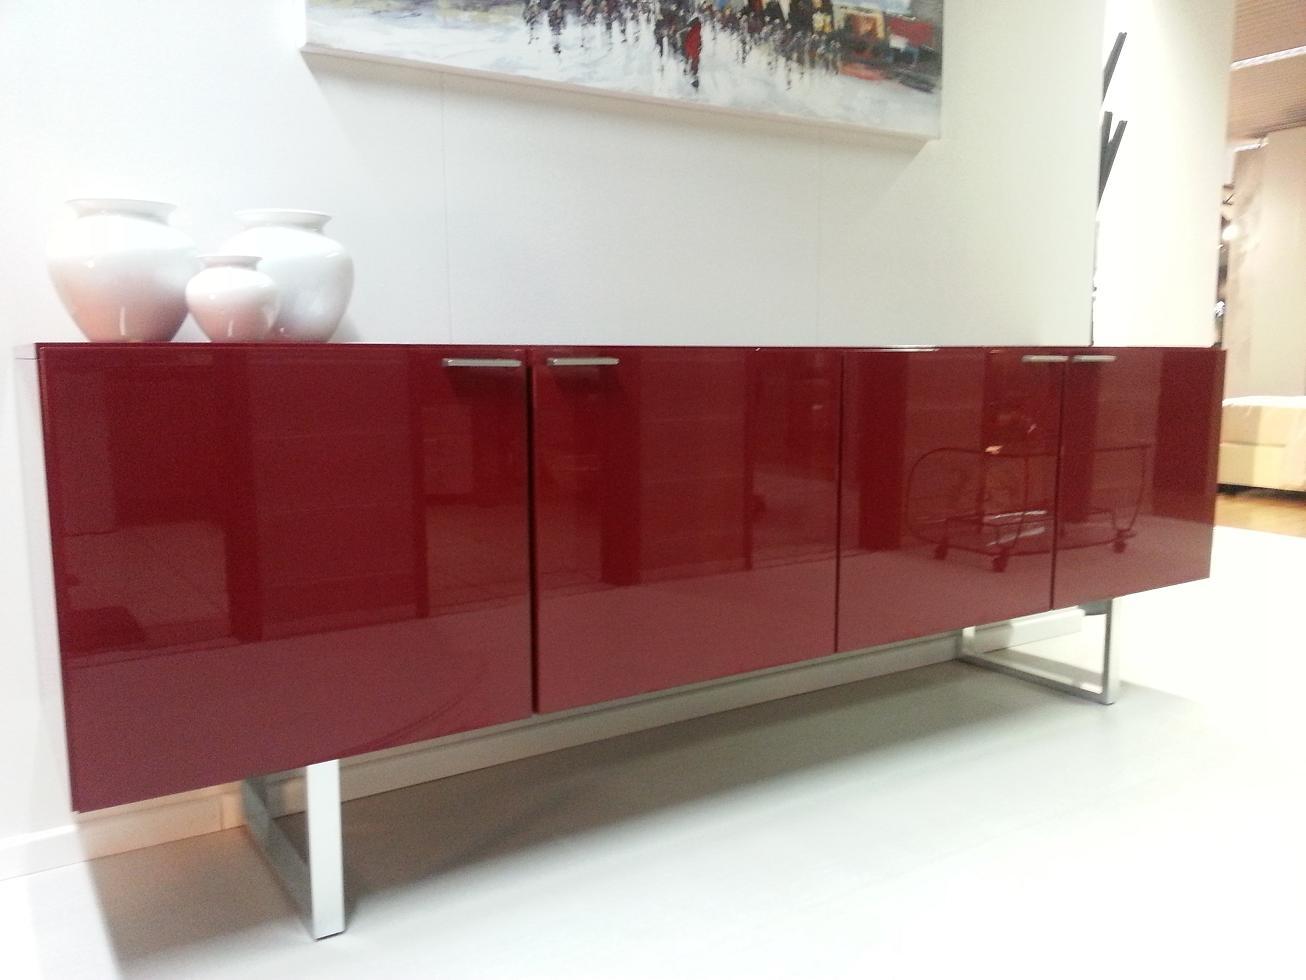 Credenza Ikea Moderna : Credenze buffet olmo ikea per cucine mobile multiuso